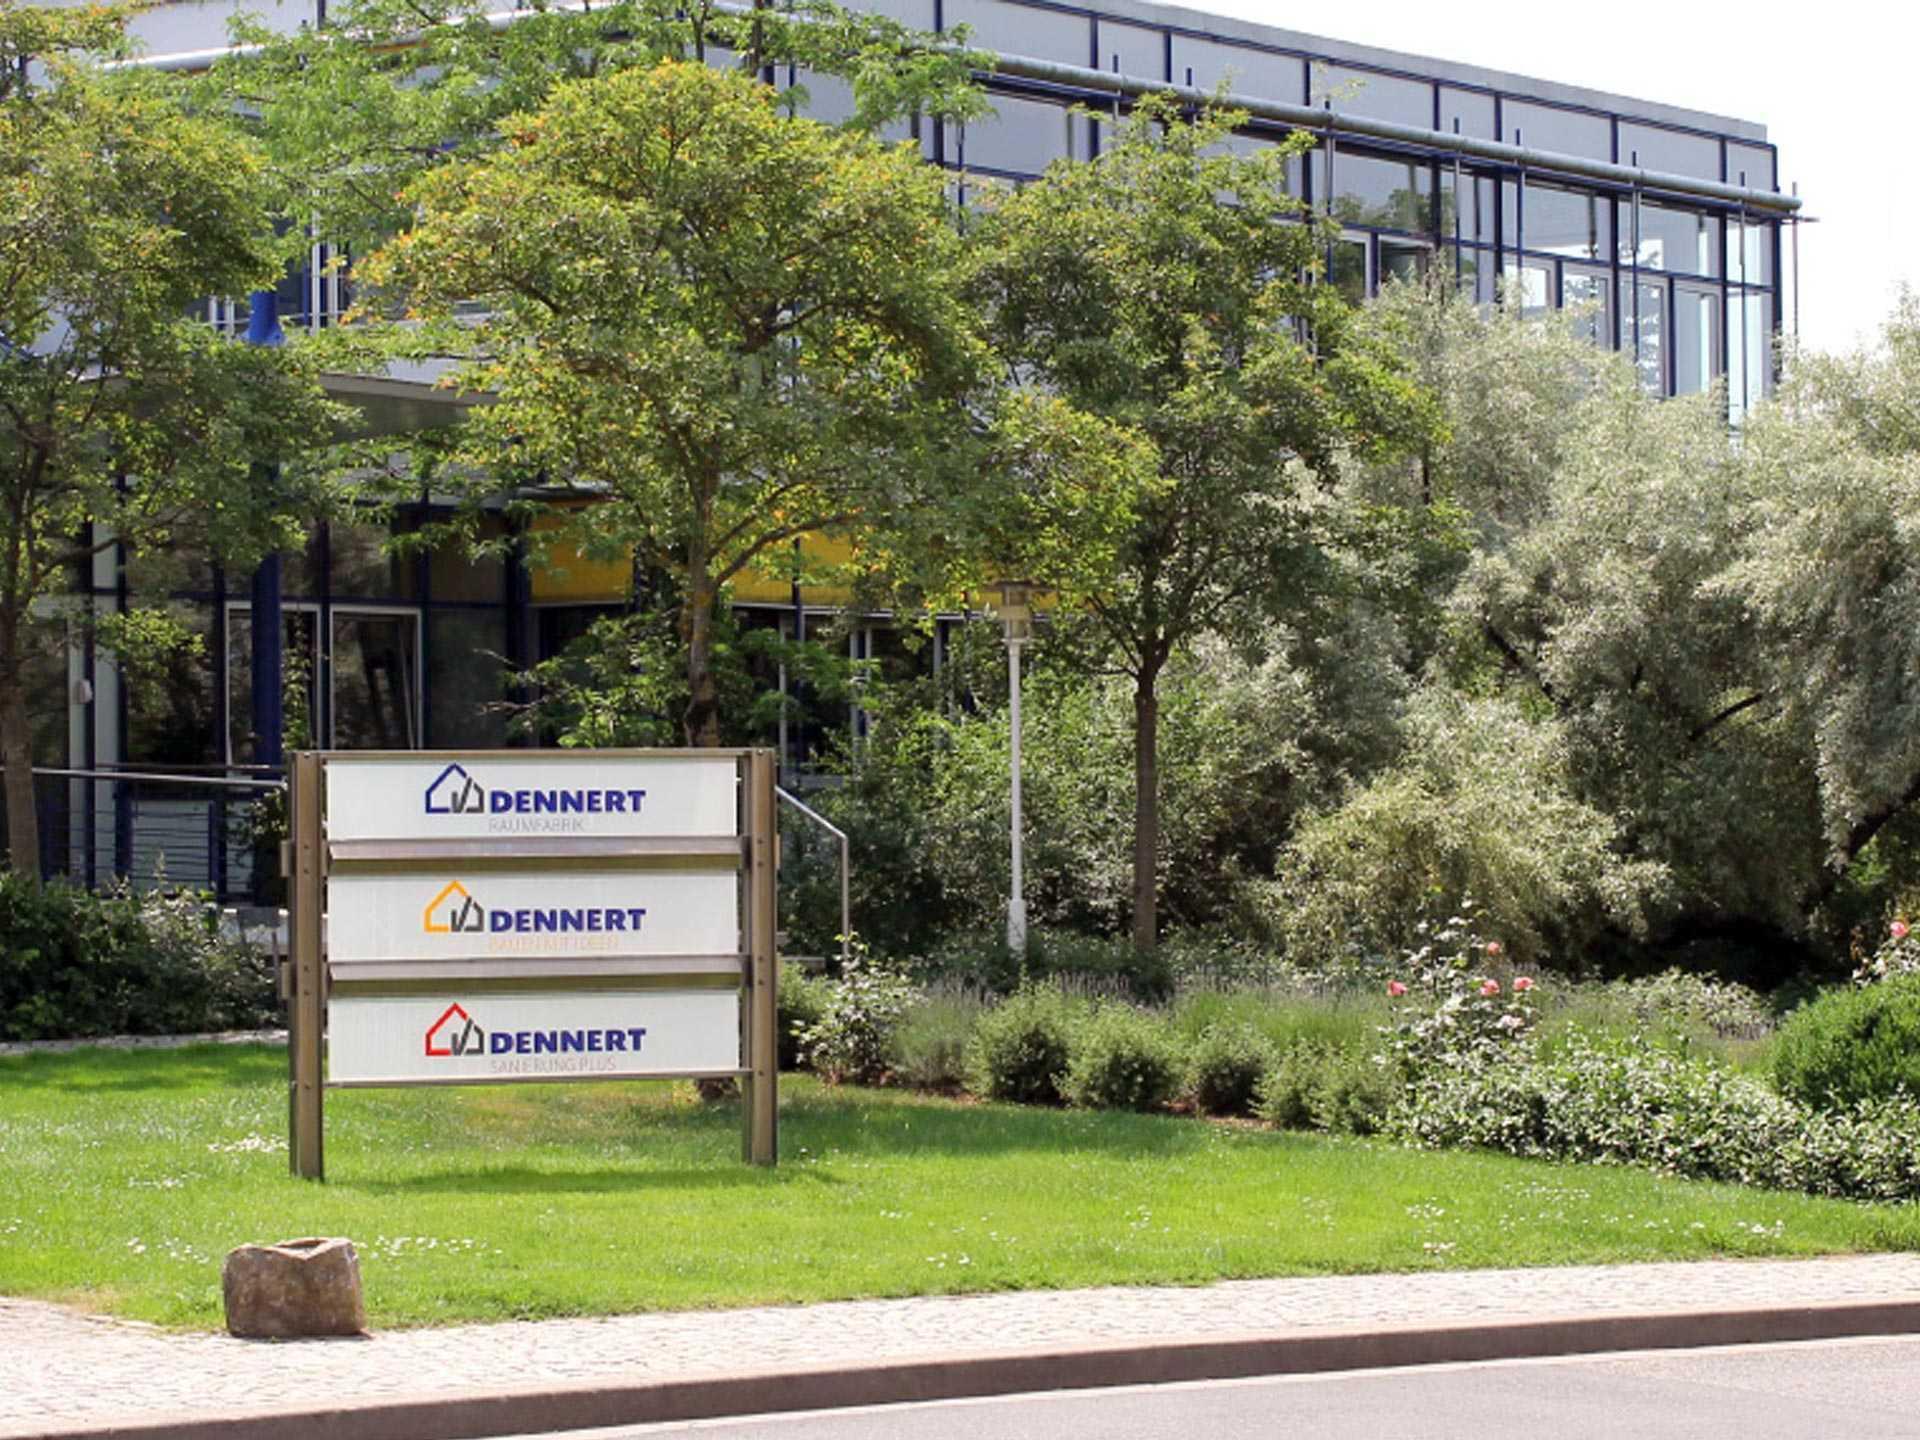 Dennert Massivhaus GmbH Firmensitz